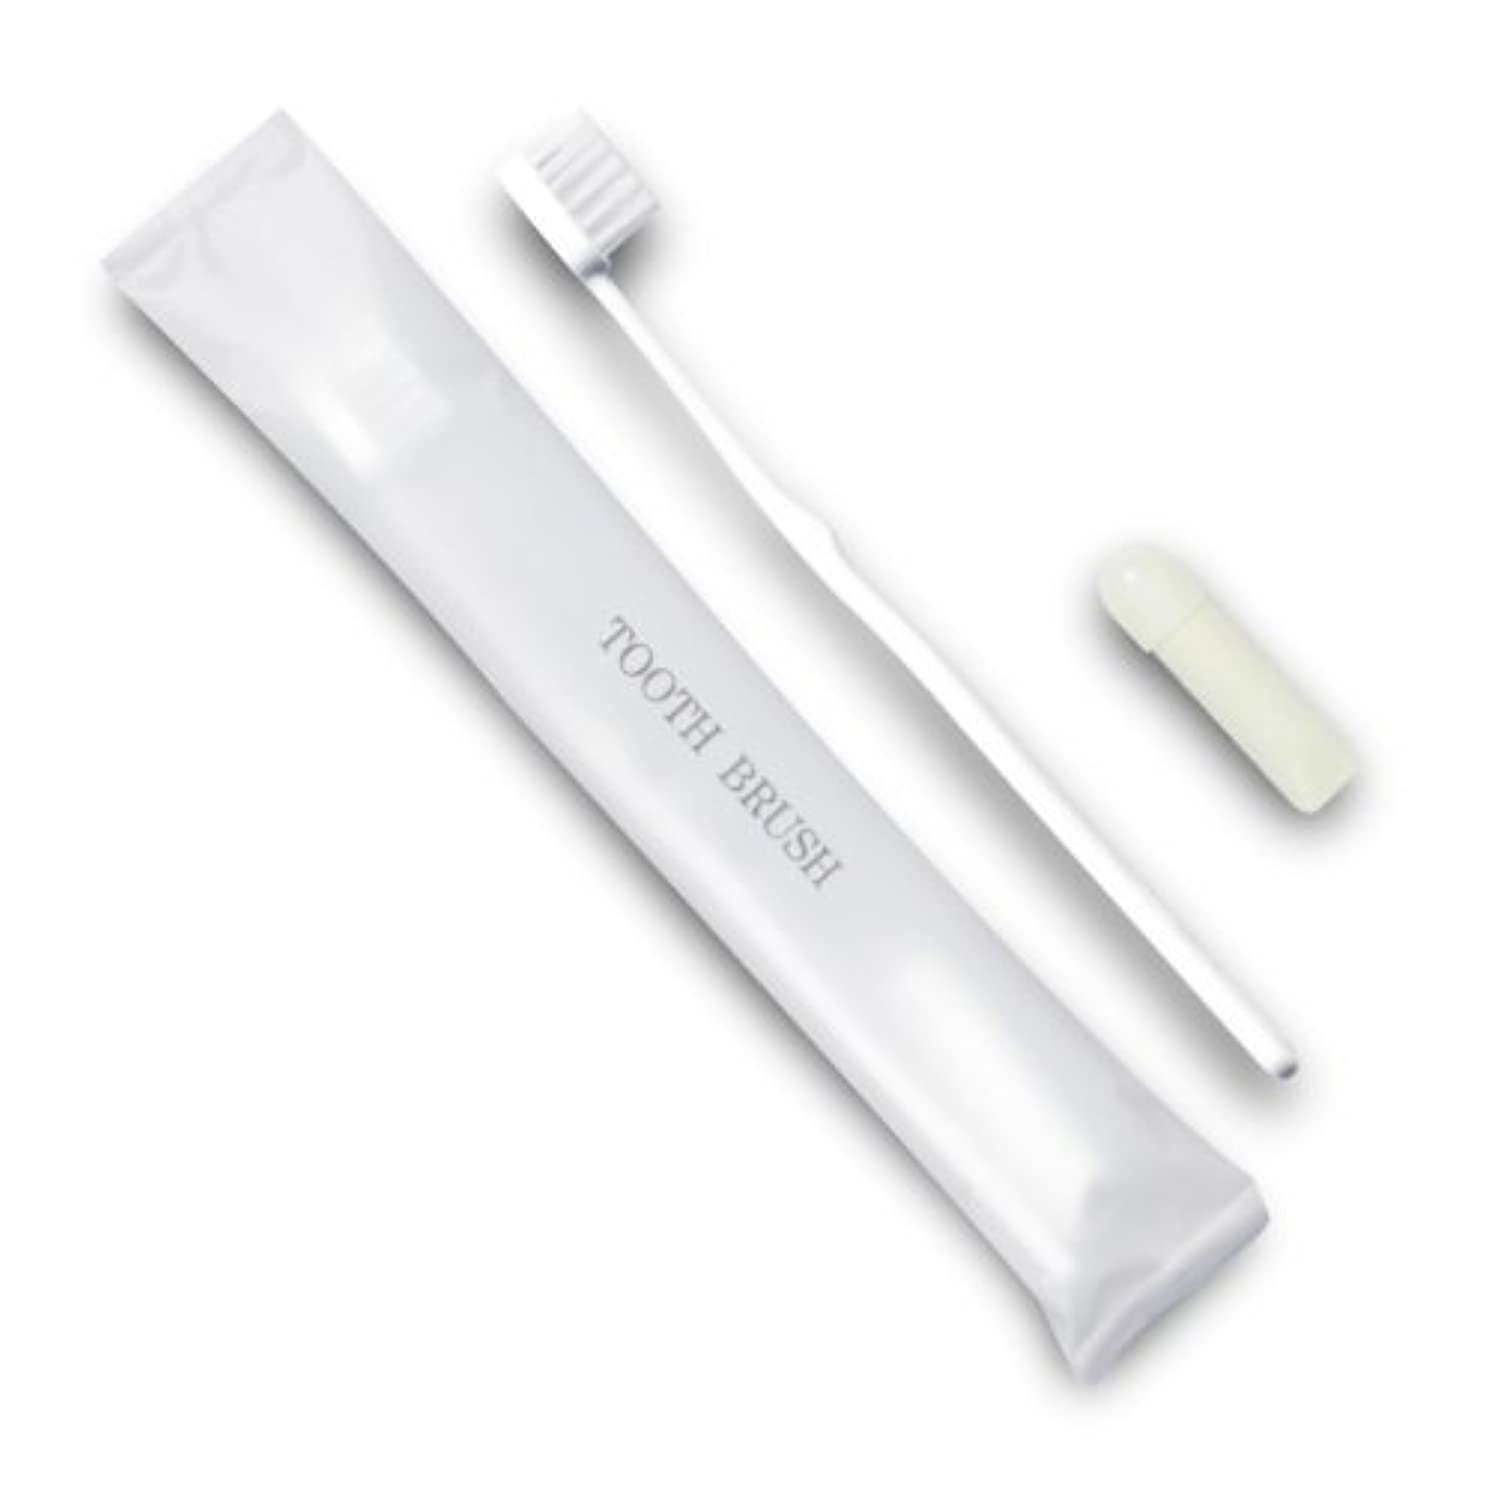 キュービックオズワルド刺すホテル業務用歯ブラシ21穴(白)3gチューブ マット袋FタイプDX 700本